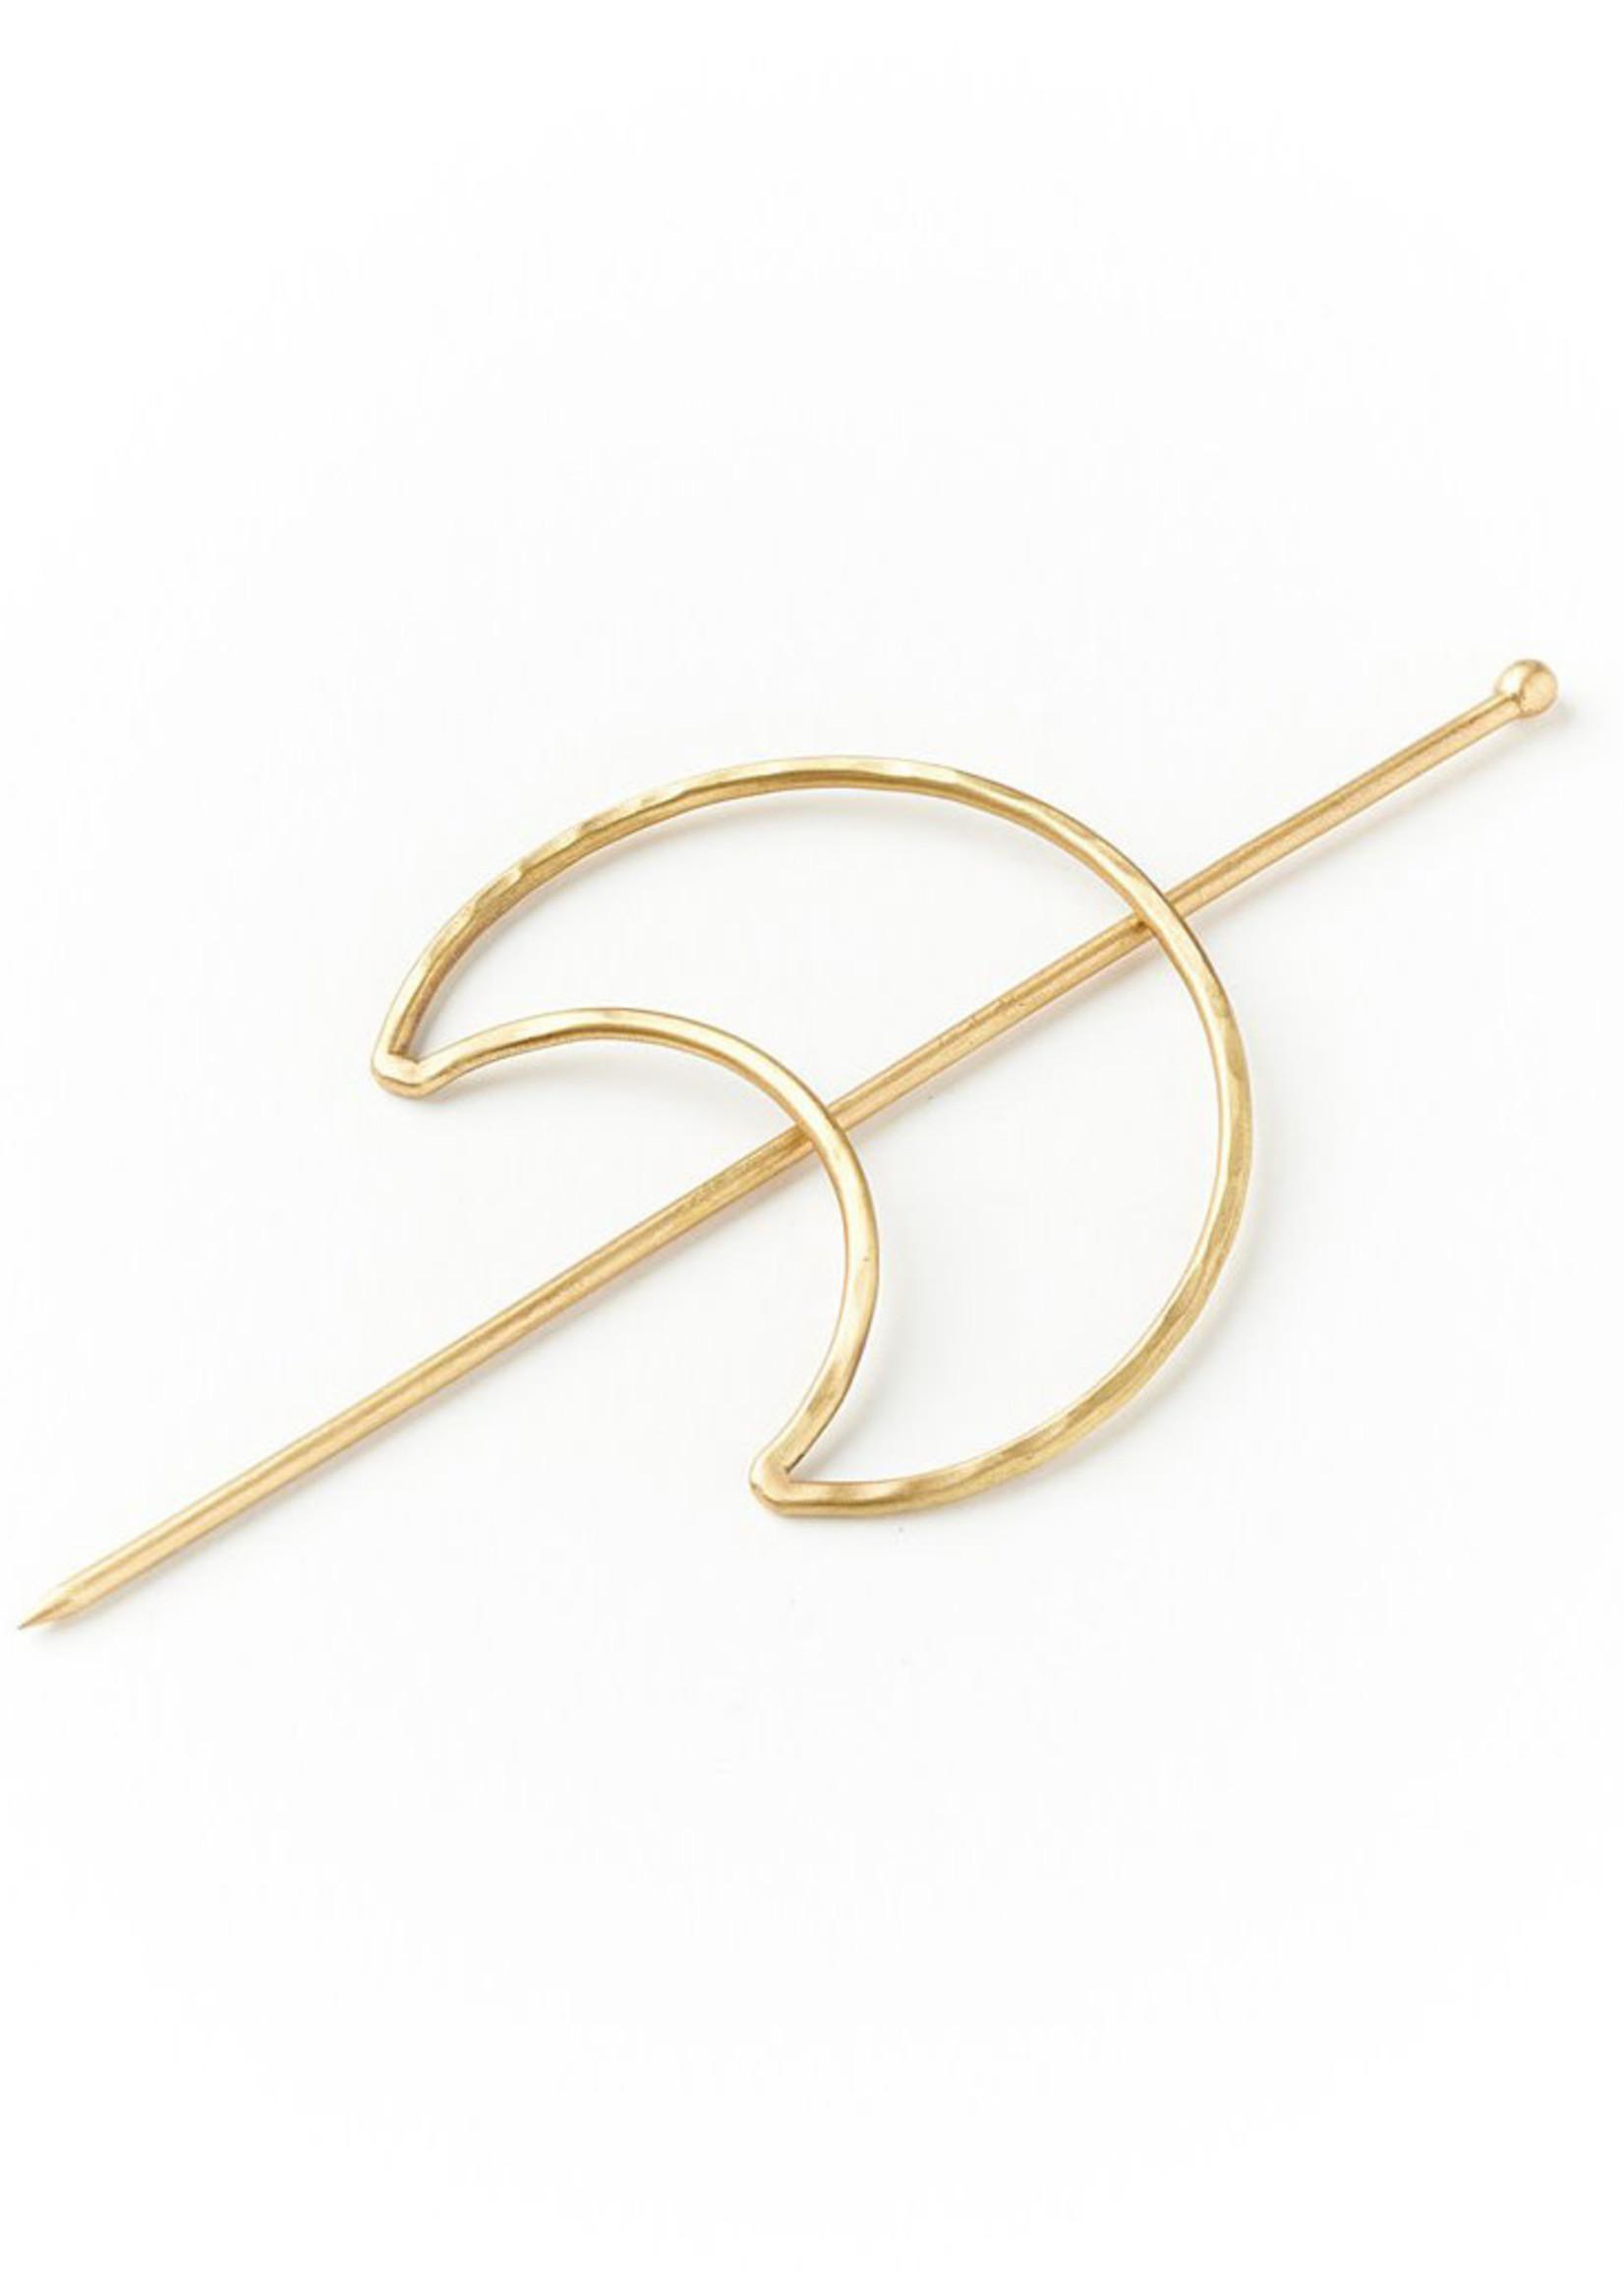 Matr Boomie Indukala Crescent Hair Pin